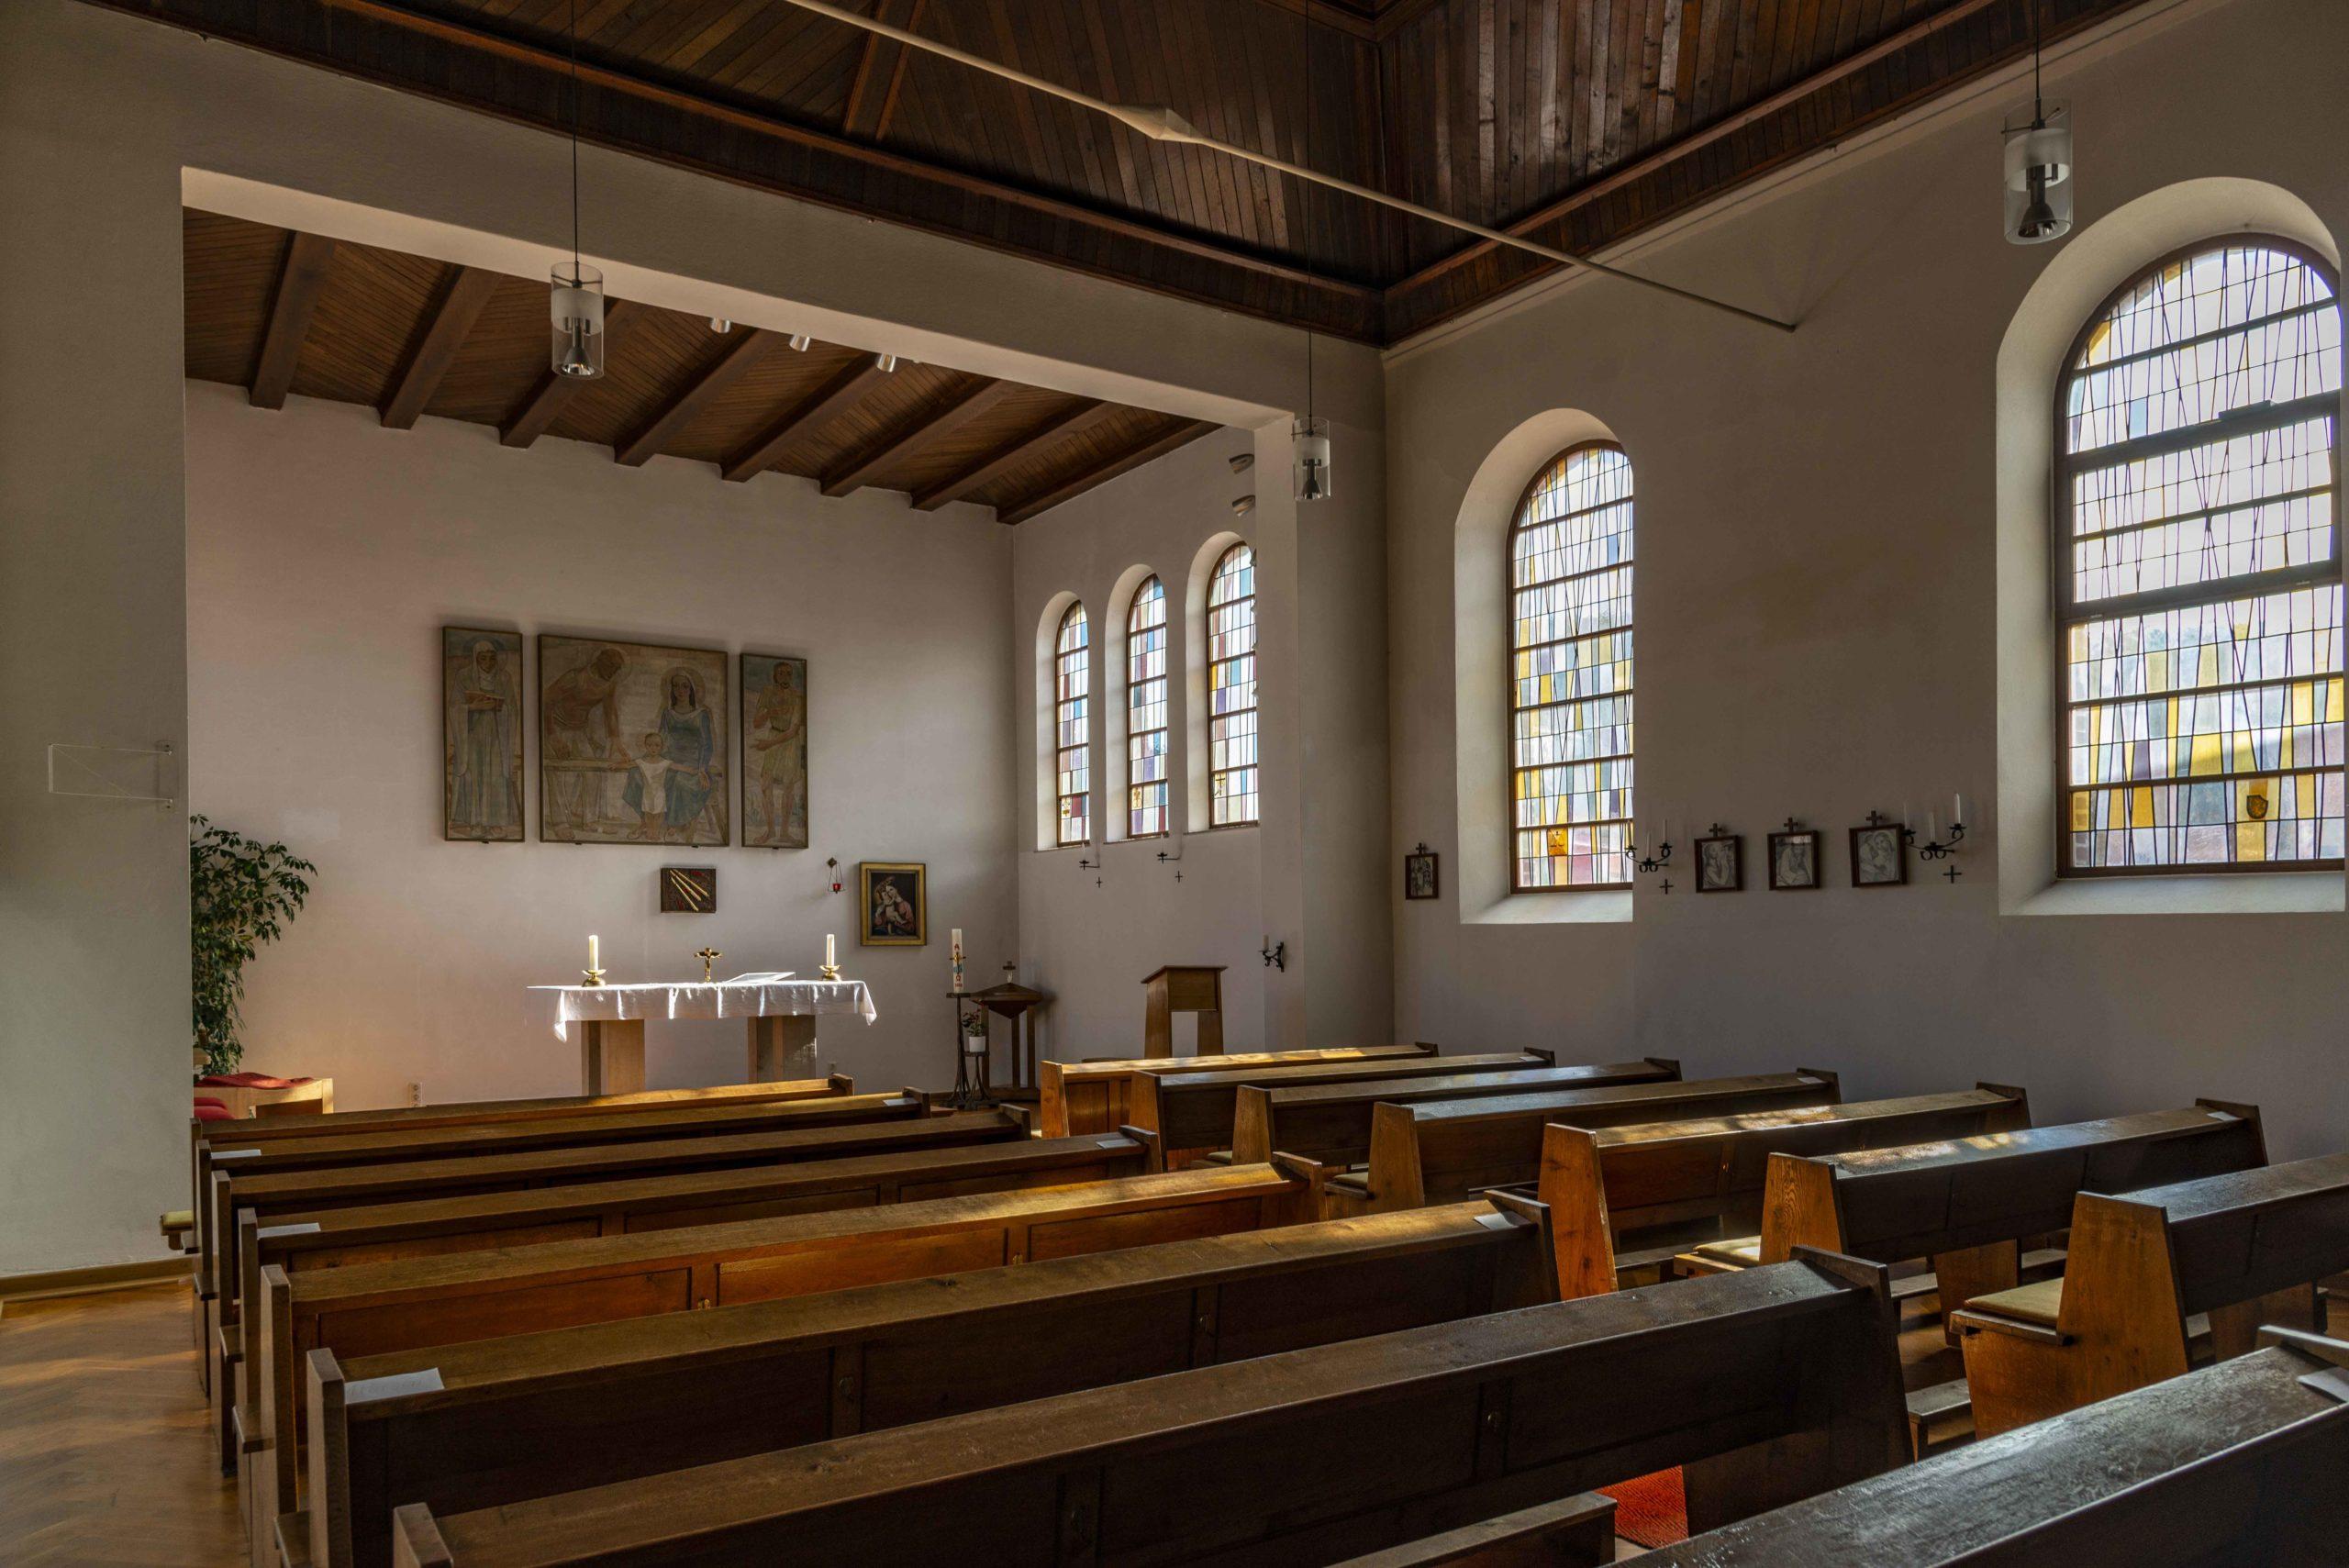 katholische Kirche in Goldberg